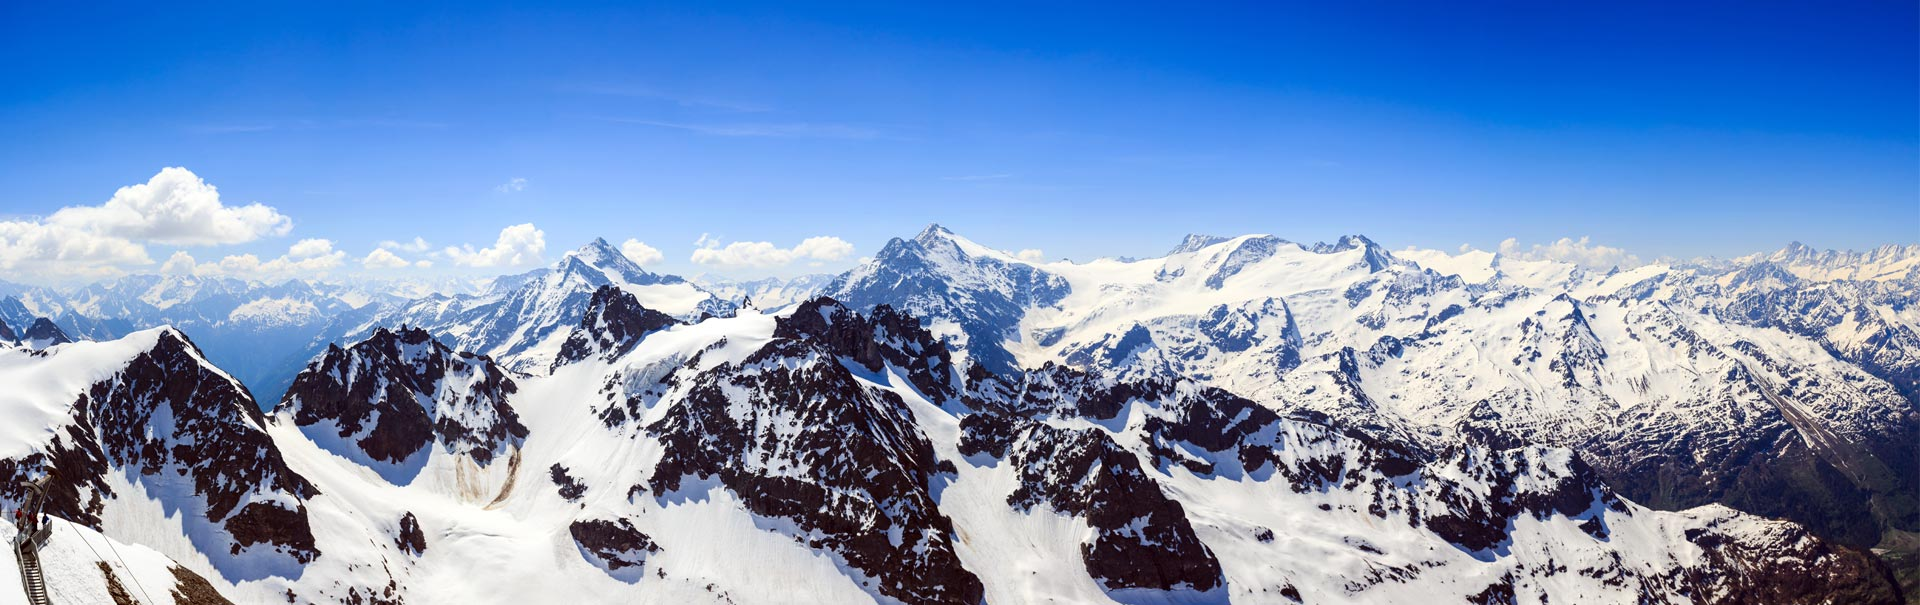 Romance in Switzerland (SHSW24) Banner